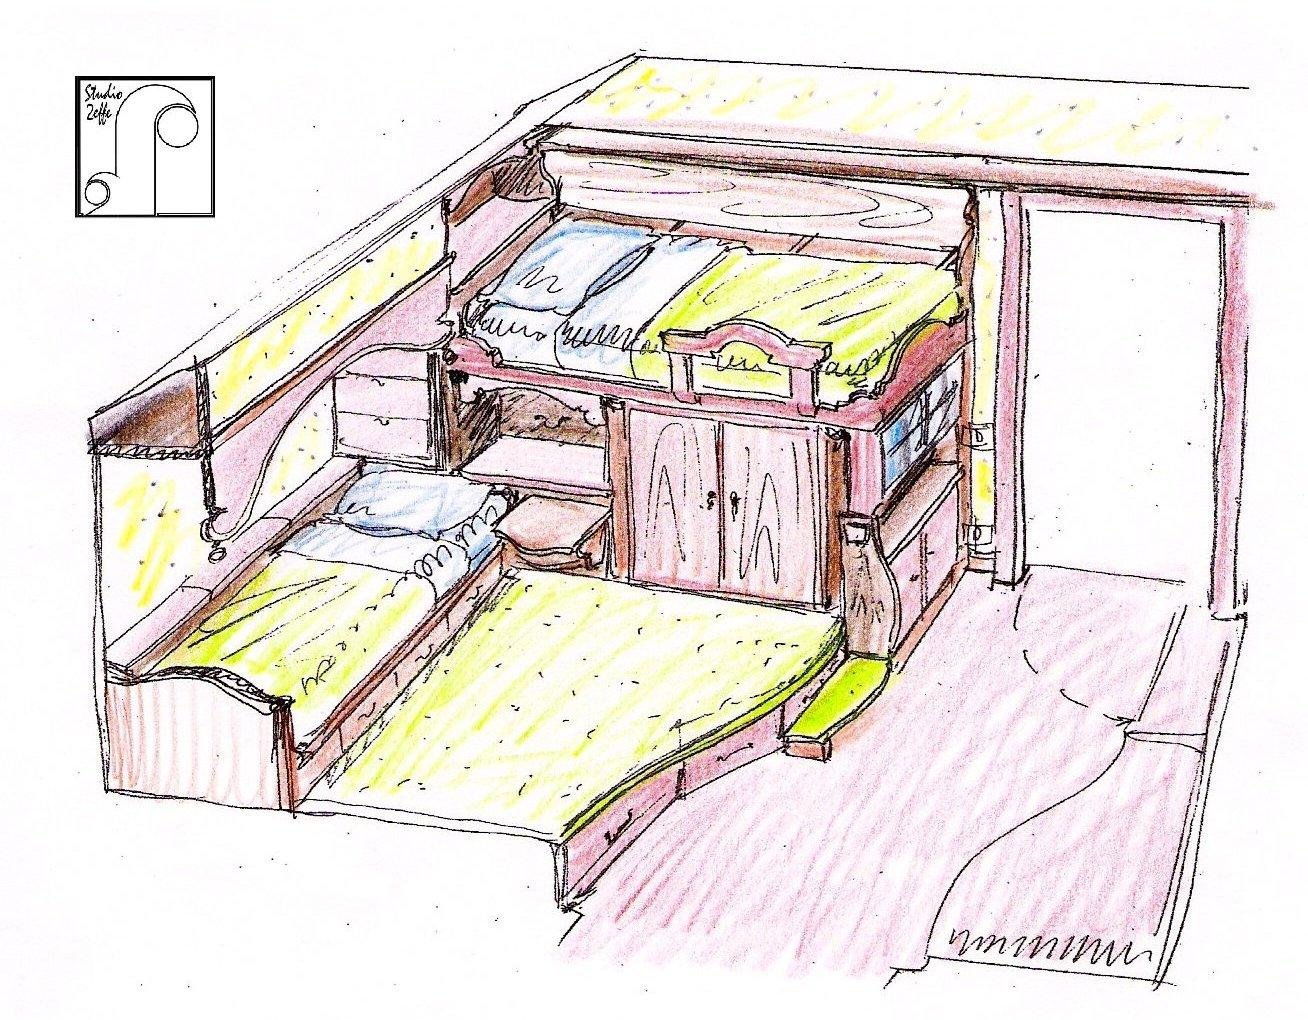 Prospettiva centrale di una stanza arredata for Disegnare mobili